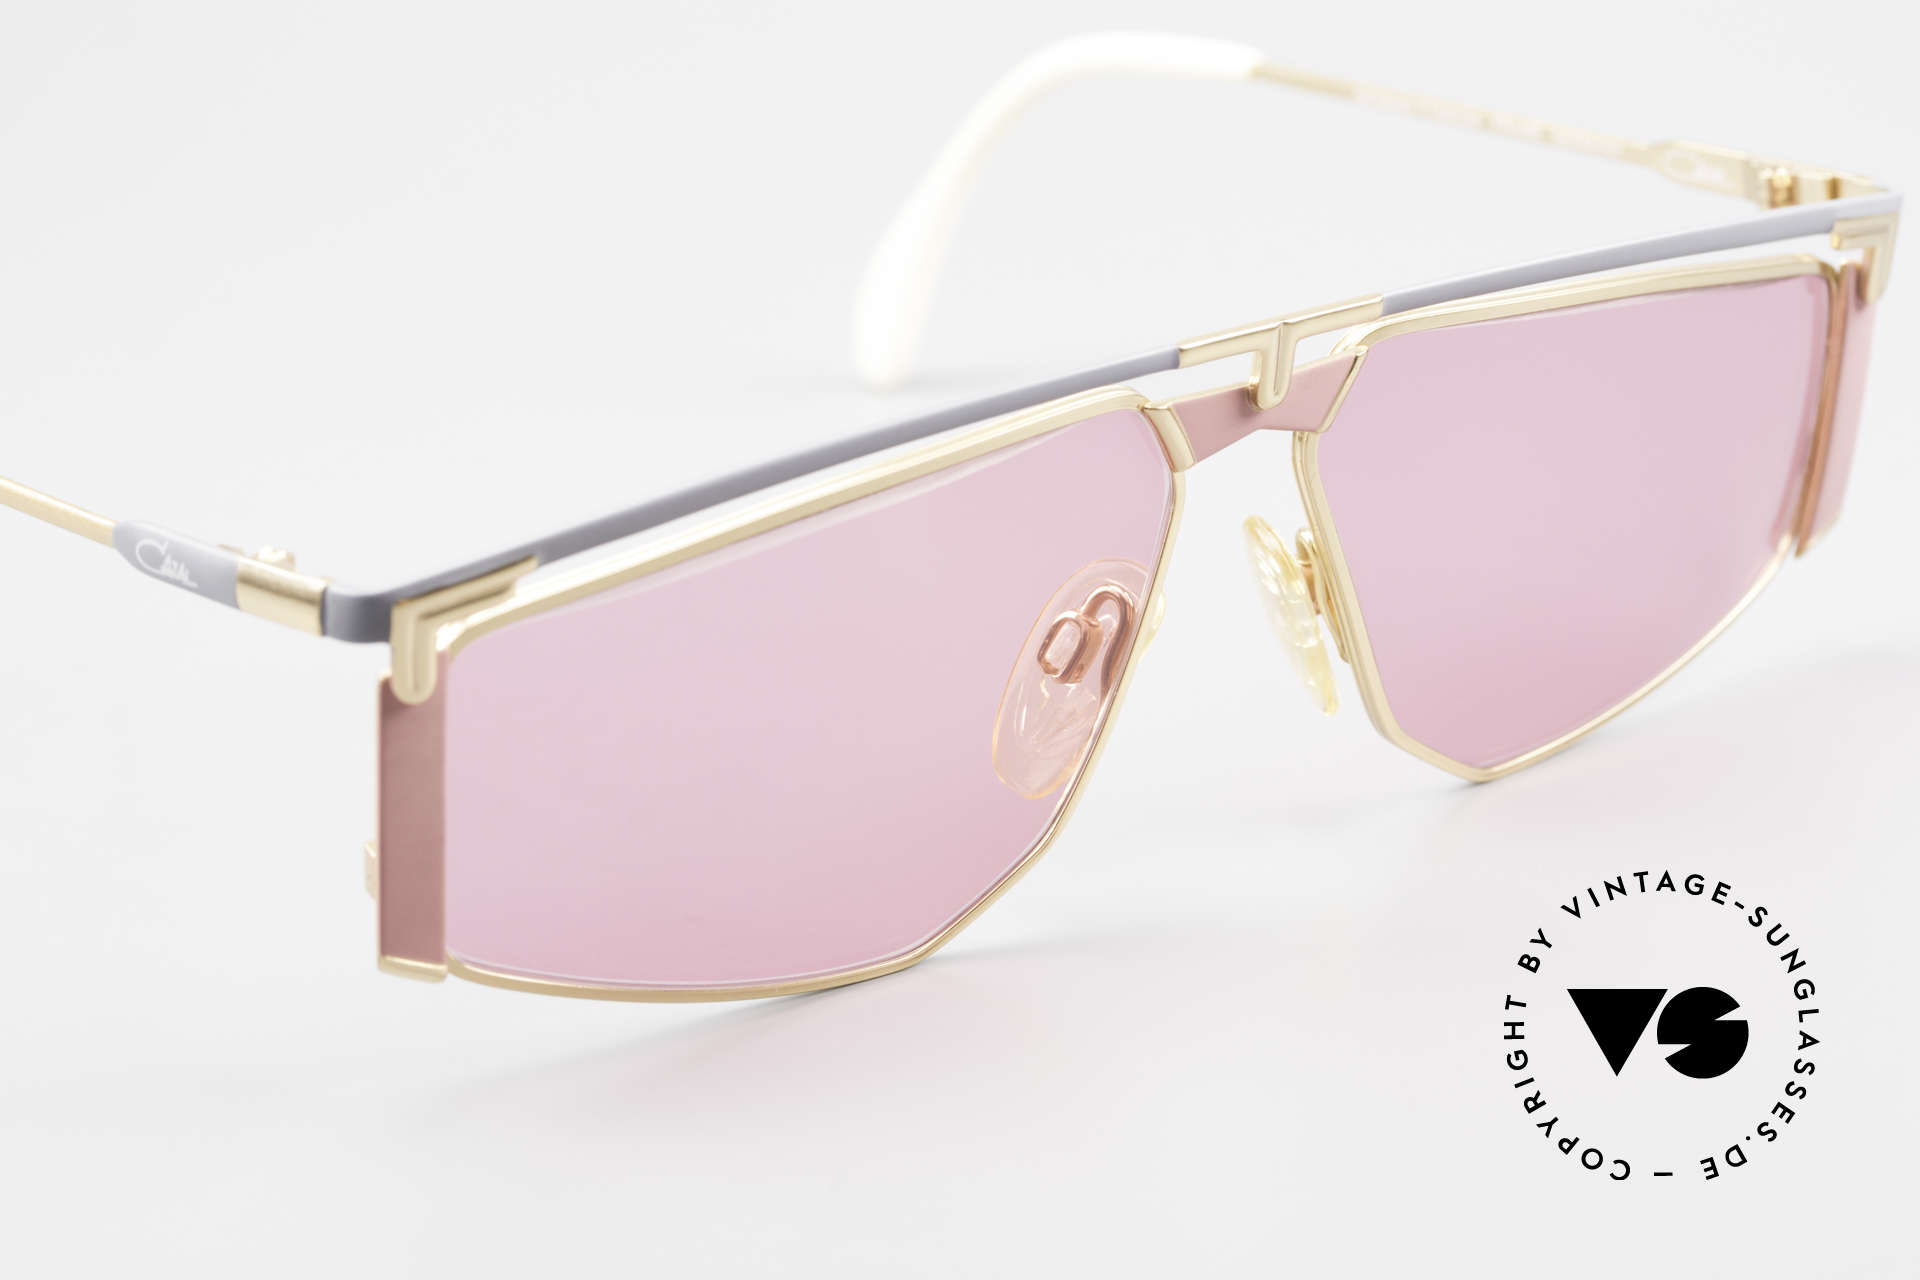 Cazal 235 Pinke Titanium Vintage Brille, ungetragen (wie alle unsere 90er vintage Titan-Brillen), Passend für Herren und Damen